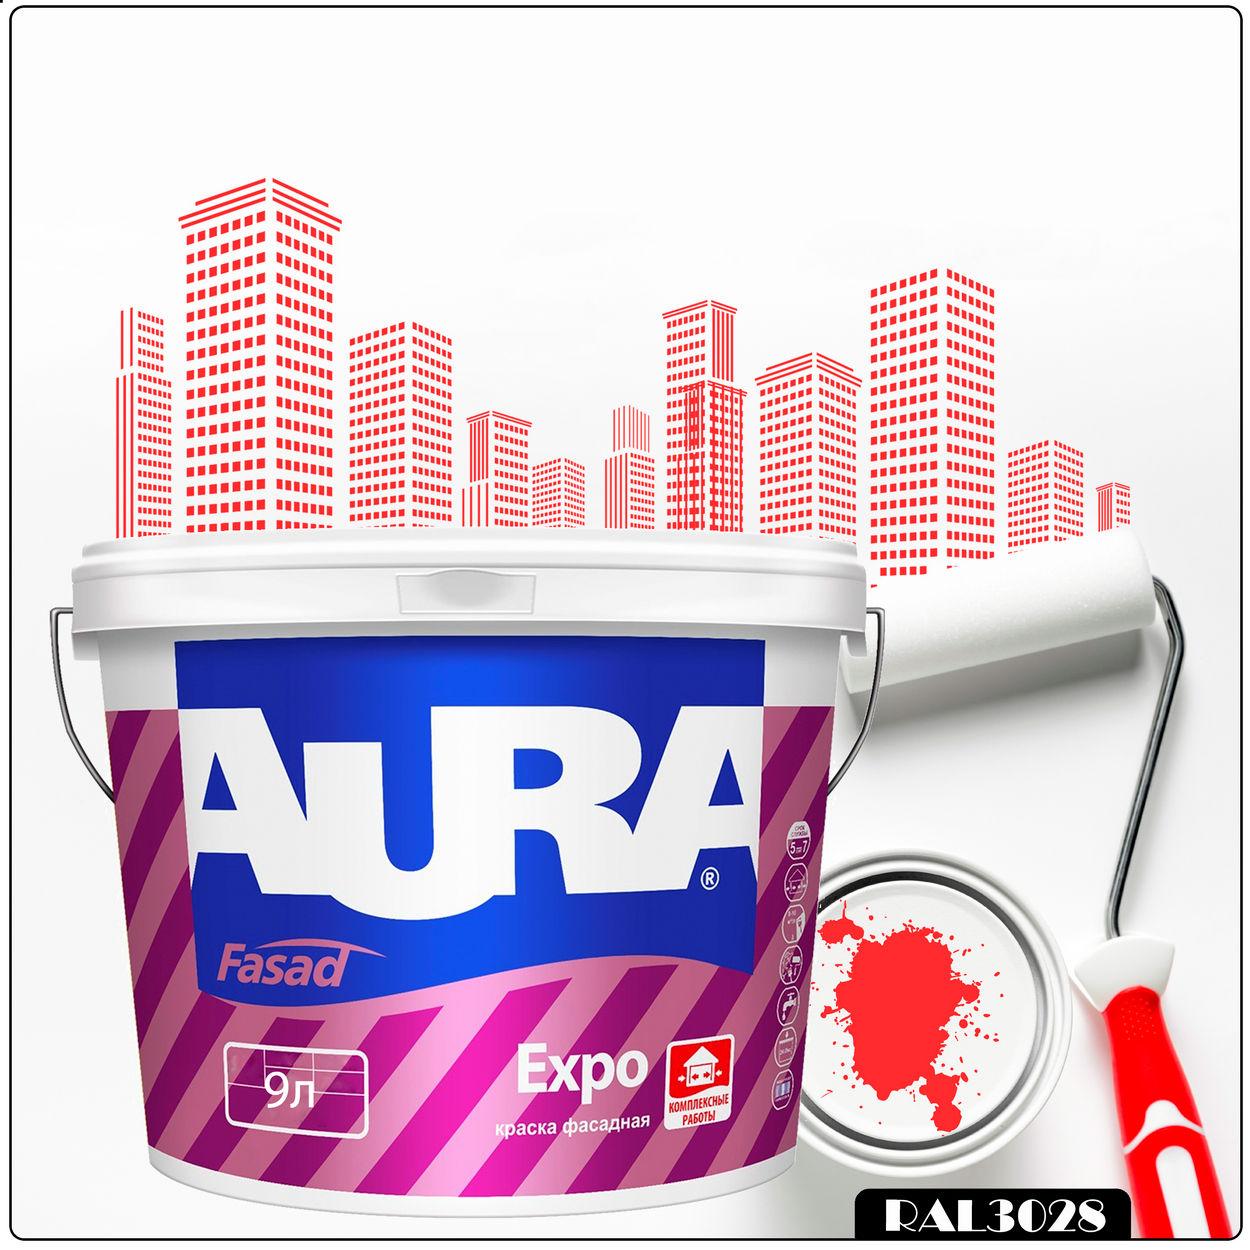 Фото 20 - Краска Aura Fasad Expo, RAL 3028 Красный, матовая, для фасадов и помещений с повышенной влажностью, 9л.